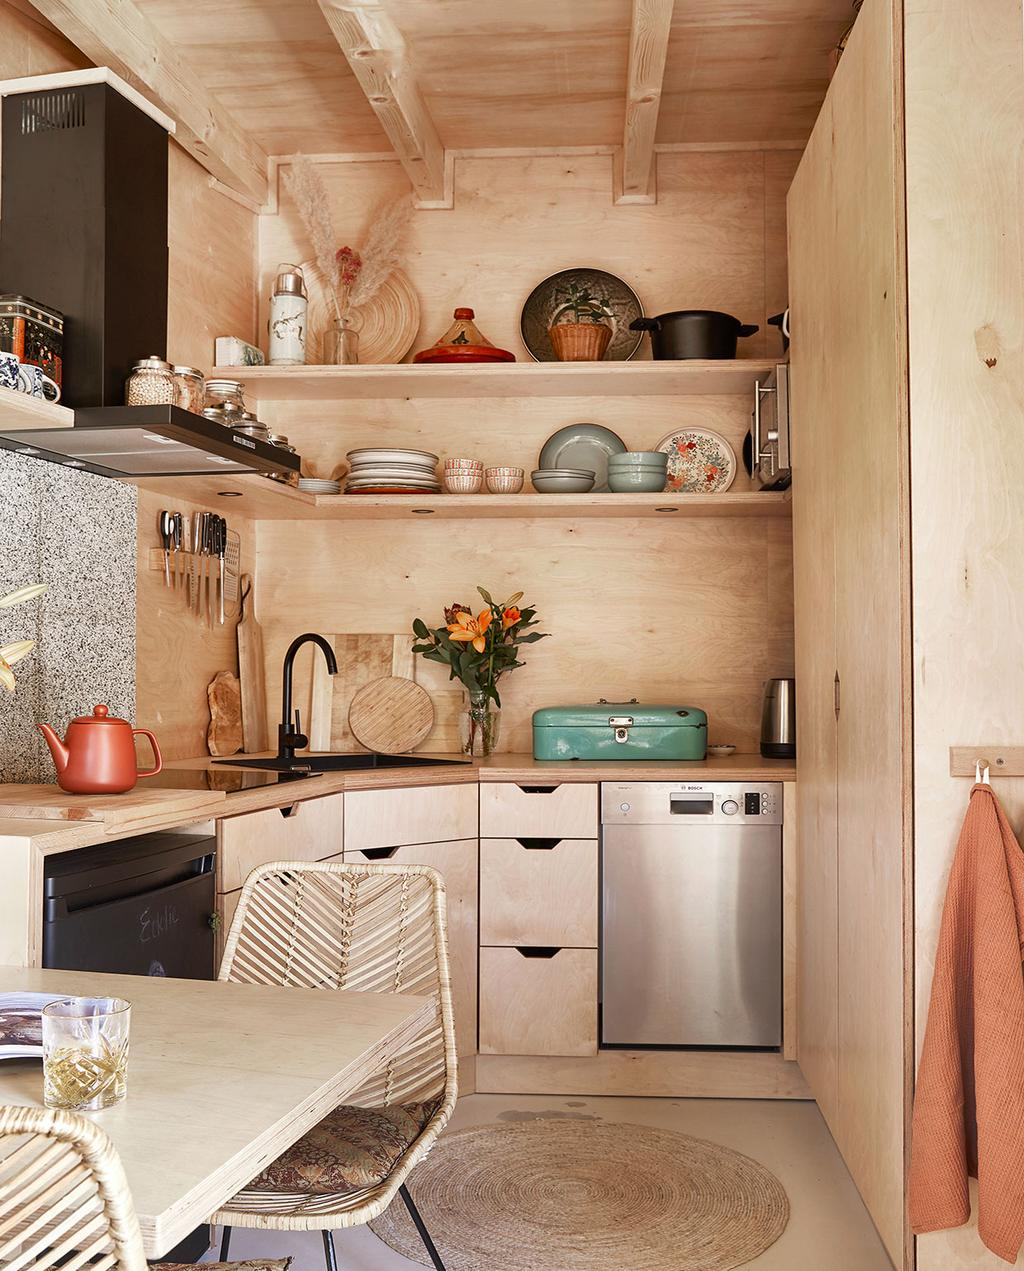 vtwonen binnenkijken special tiny houses | rond vloerkleed bij de keuken en eettafel